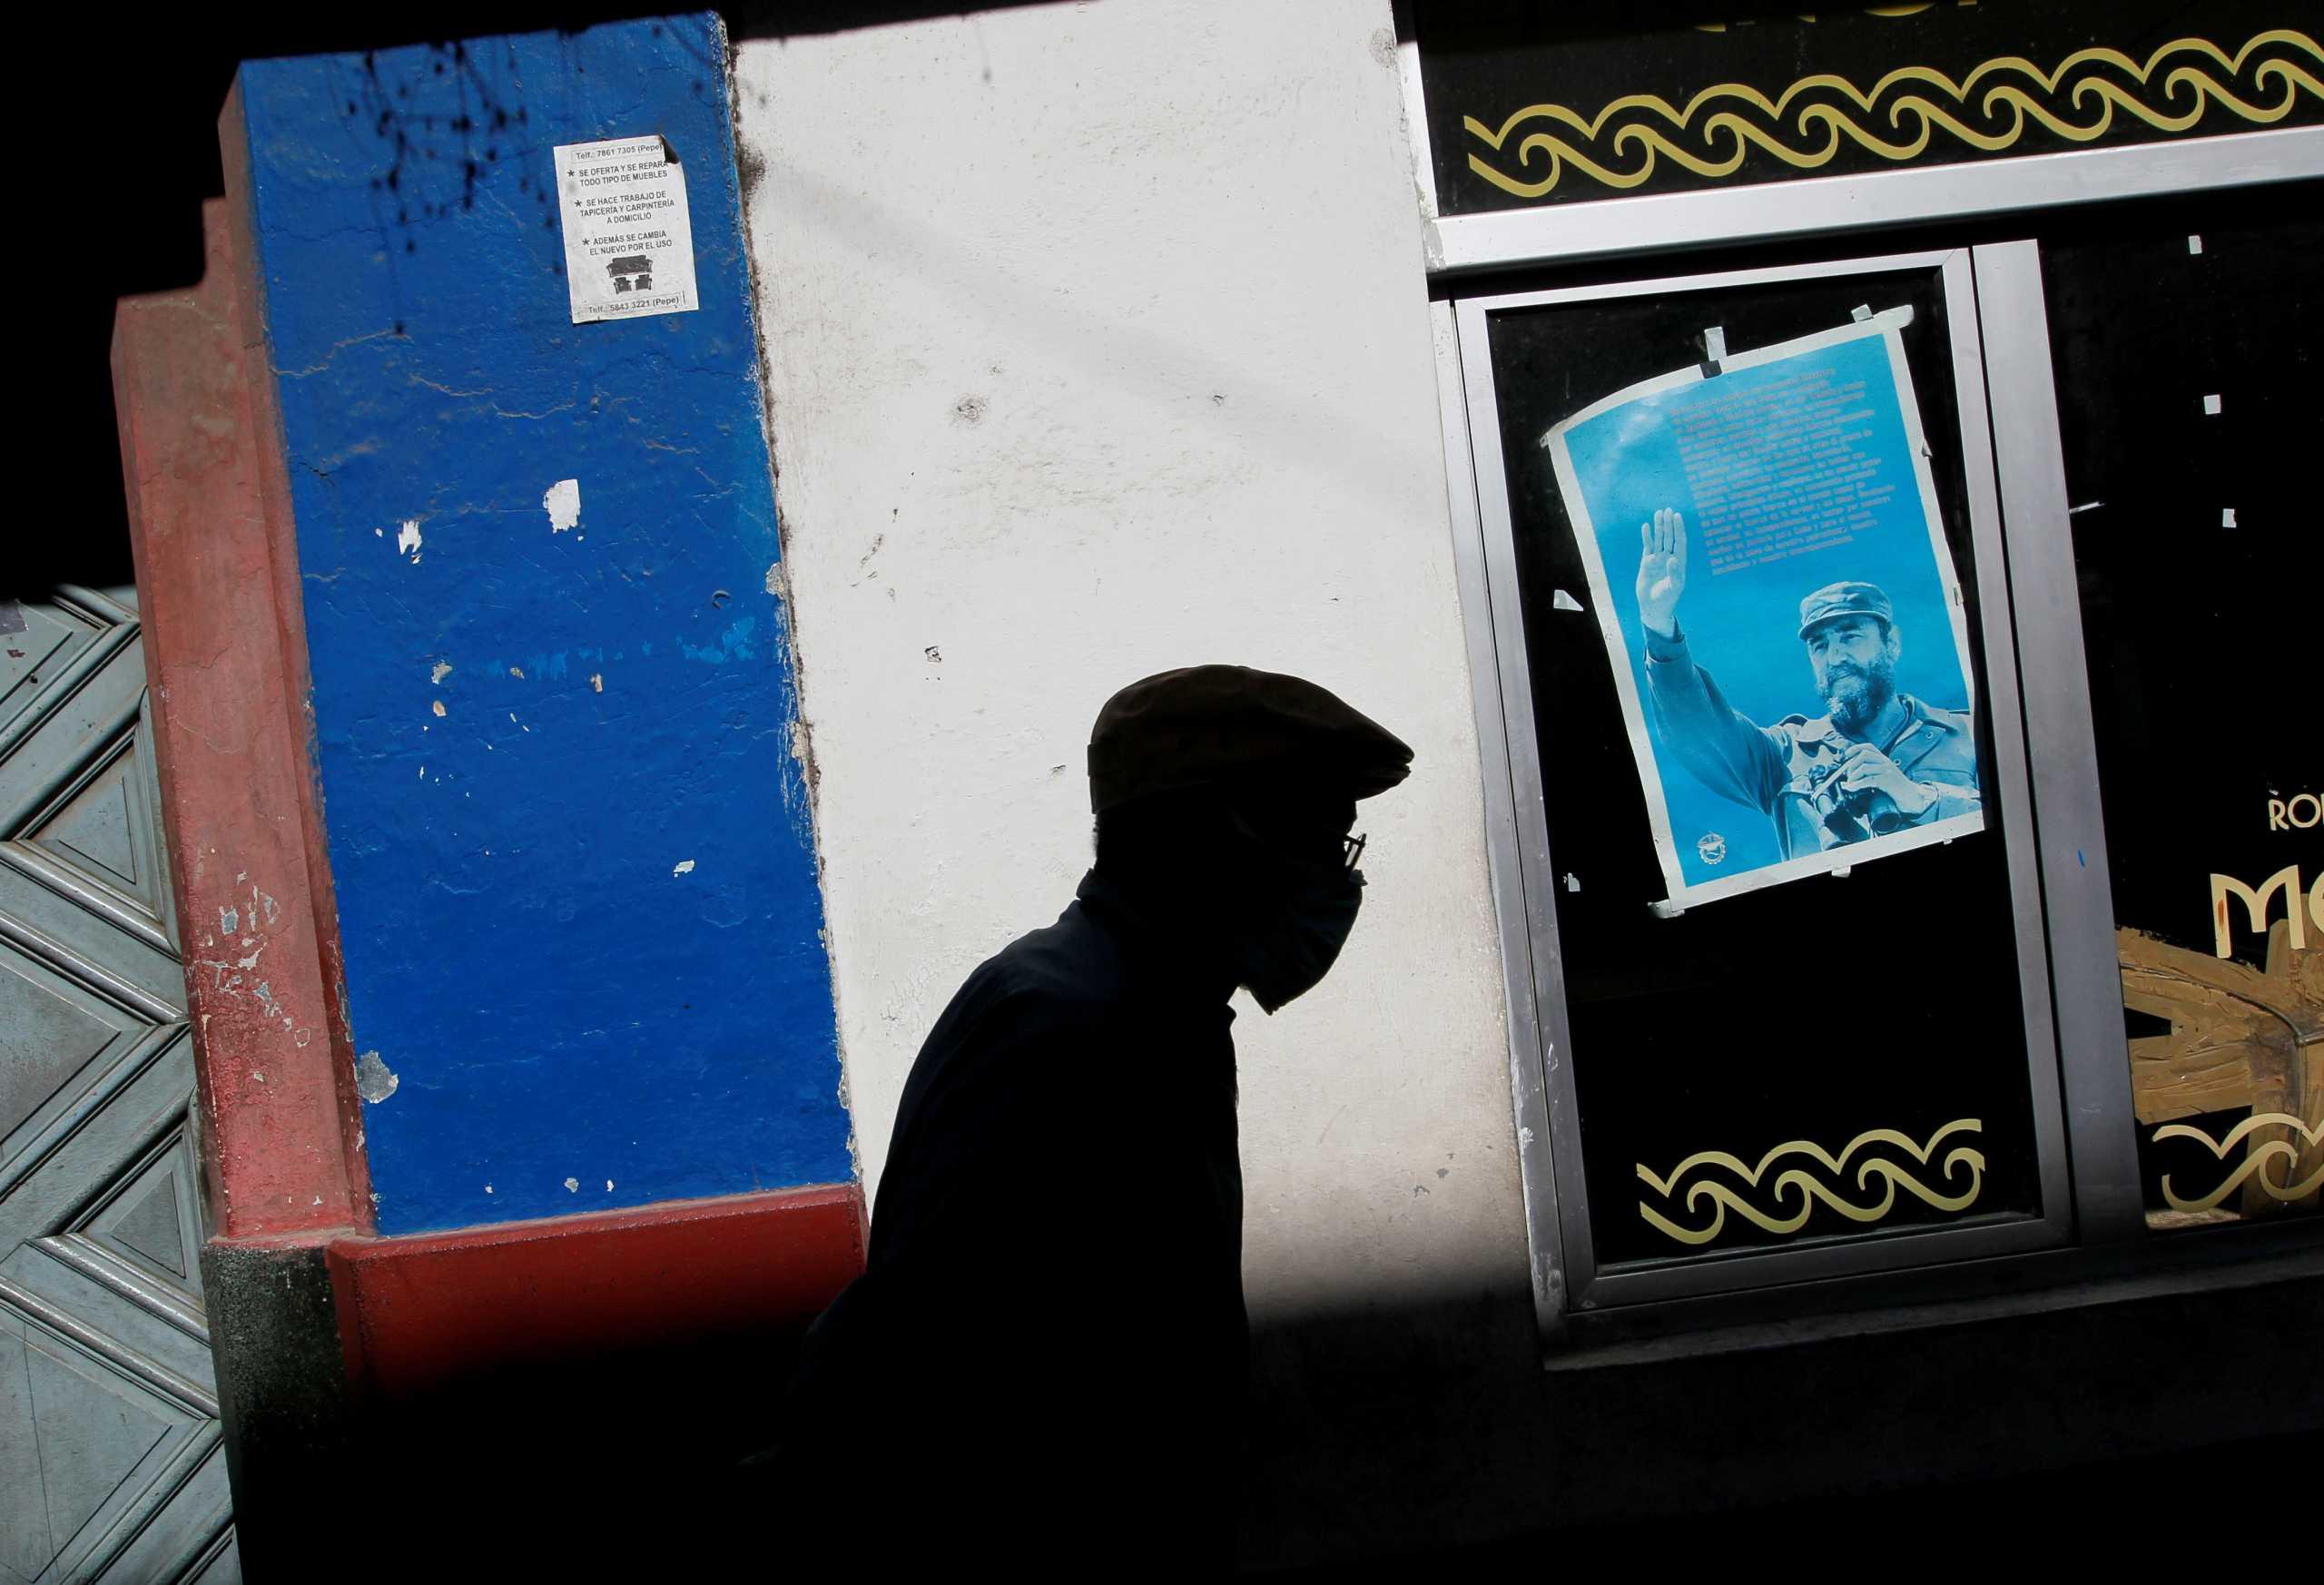 Κορονοϊός: Με το δεύτερο κύμα παλεύει και η Κούβα – 634 κρούσματα σε ένα 24ωρο